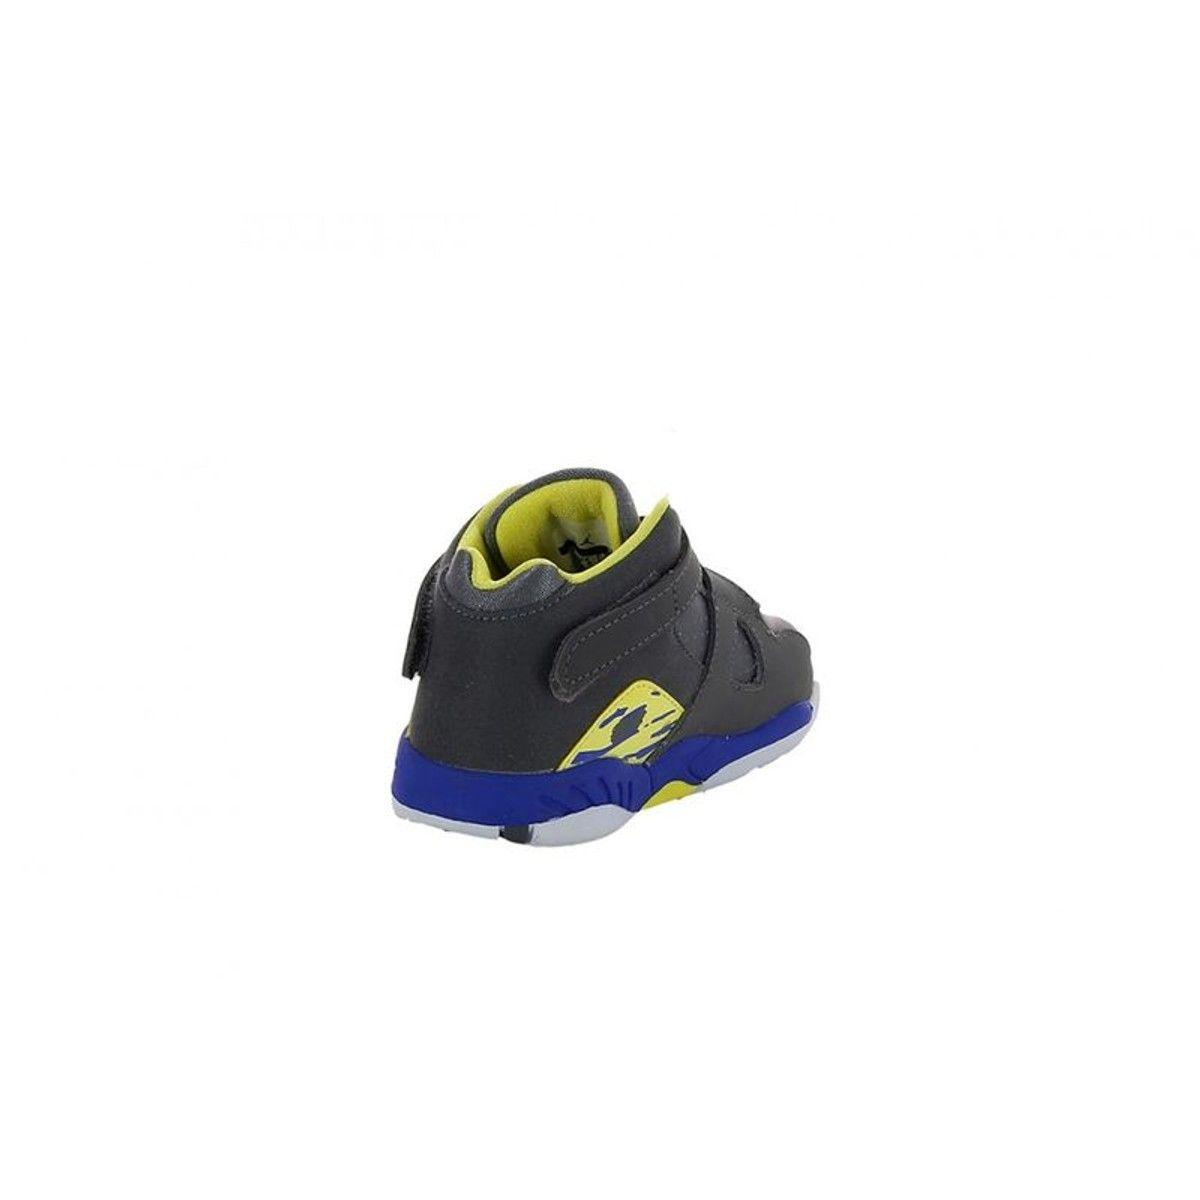 meilleur authentique 407e0 b0126 Basket Air Jordan 8 Retro Bébé - Taille : 22 | Products ...